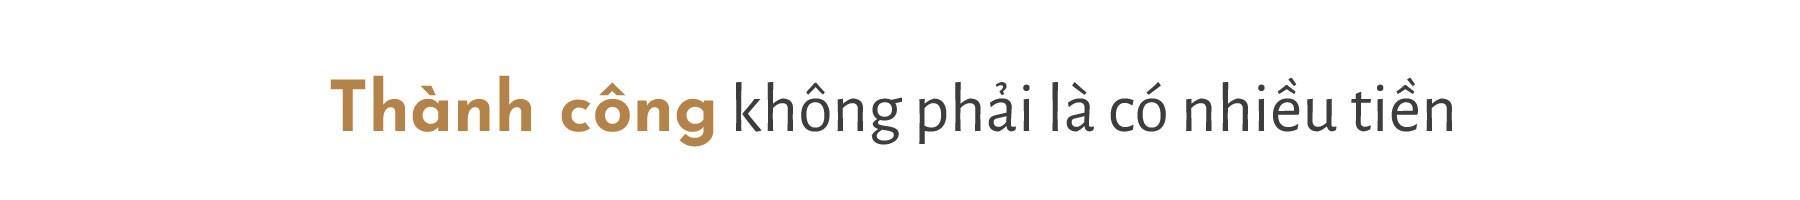 (eMagazine) - Bà chủ hiệu bún Nguyễn Bính gọi vốn 1.000 tỉ đồng - Ảnh 10.